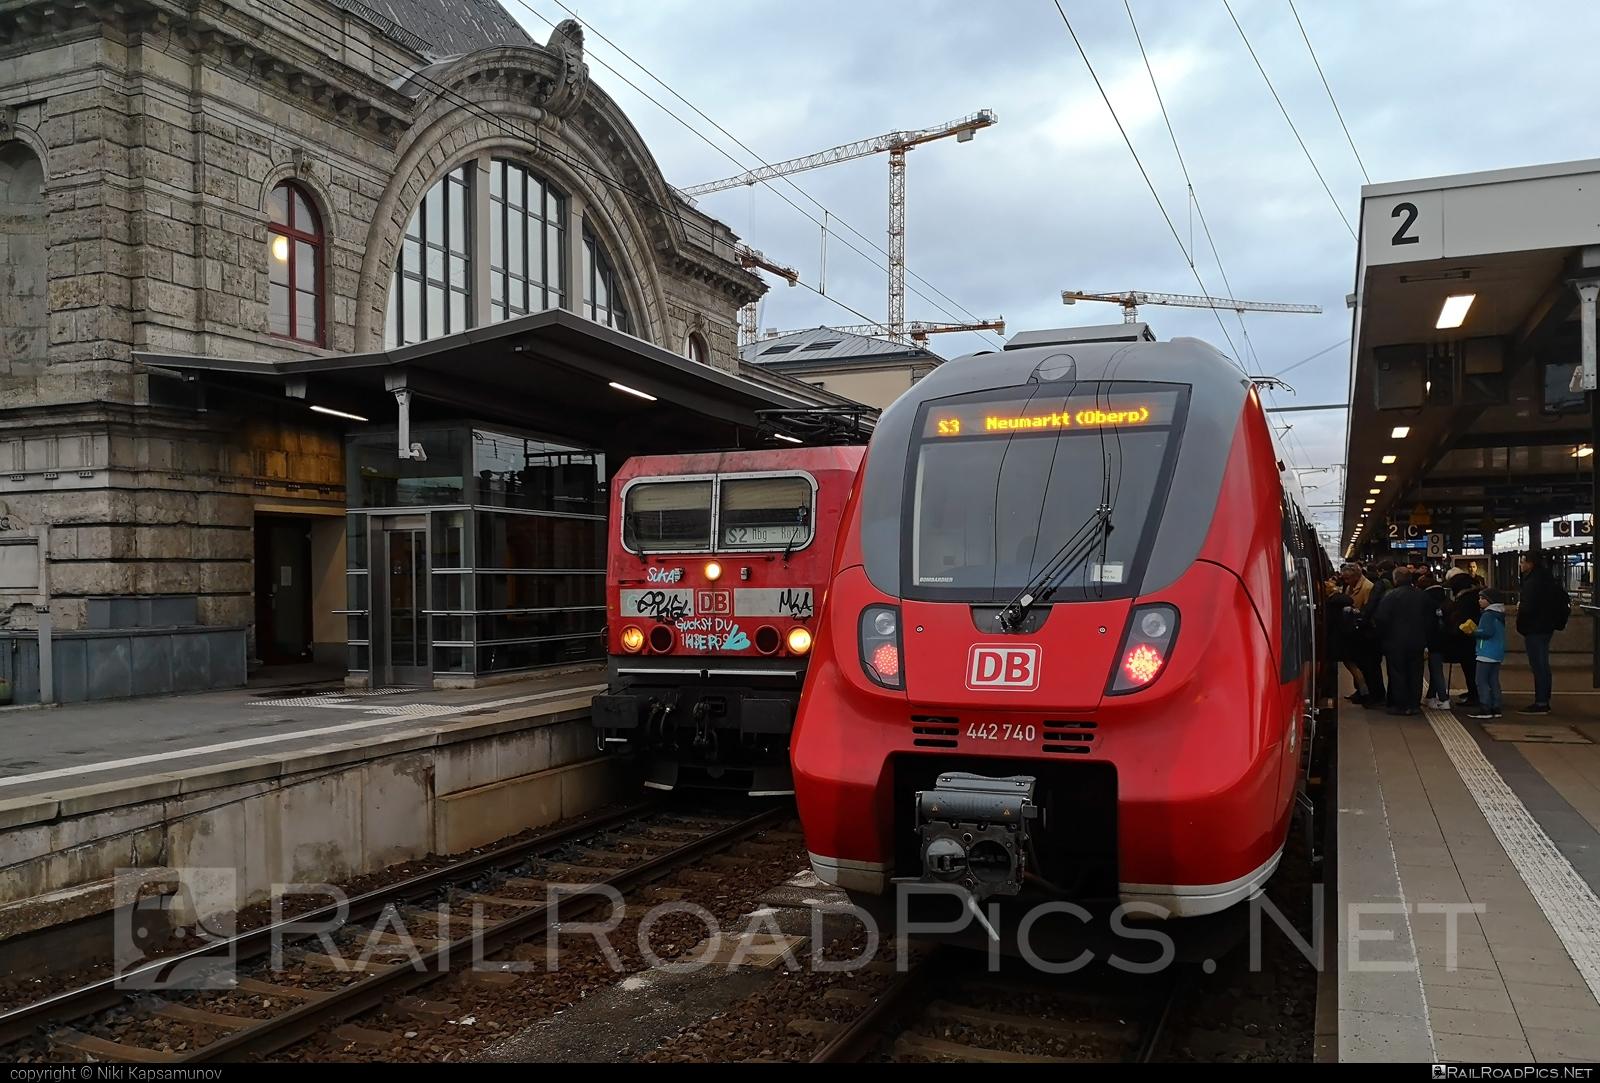 Bombardier Talent 2 - 442 740 operated by Deutsche Bahn / DB AG #bombardier #bombardiertalent #bombardiertalent2 #db #deutschebahn #talent2